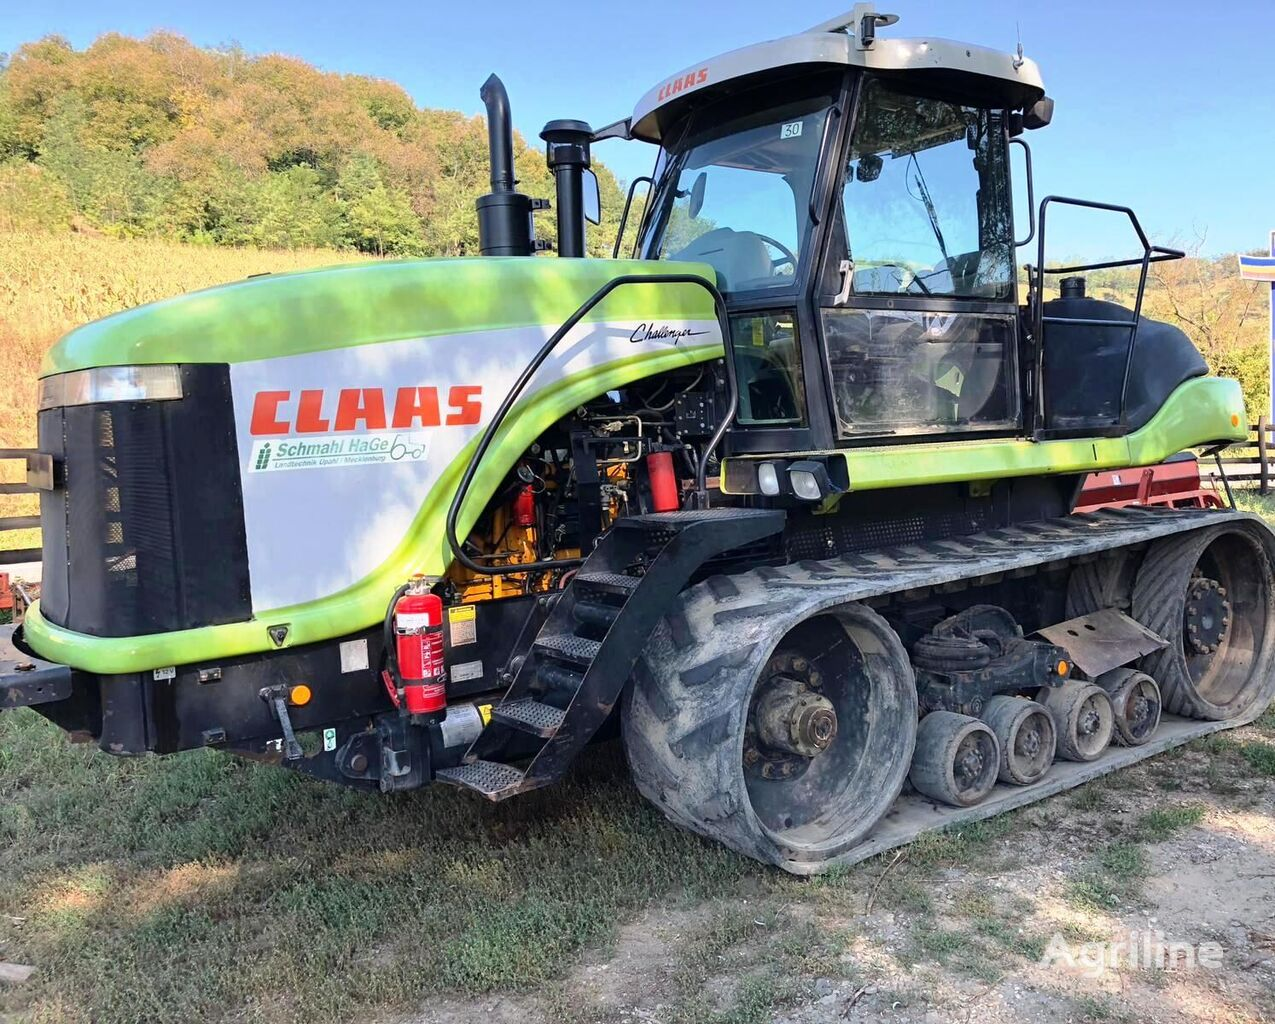 CLAAS Challenger 85E crawler tractor